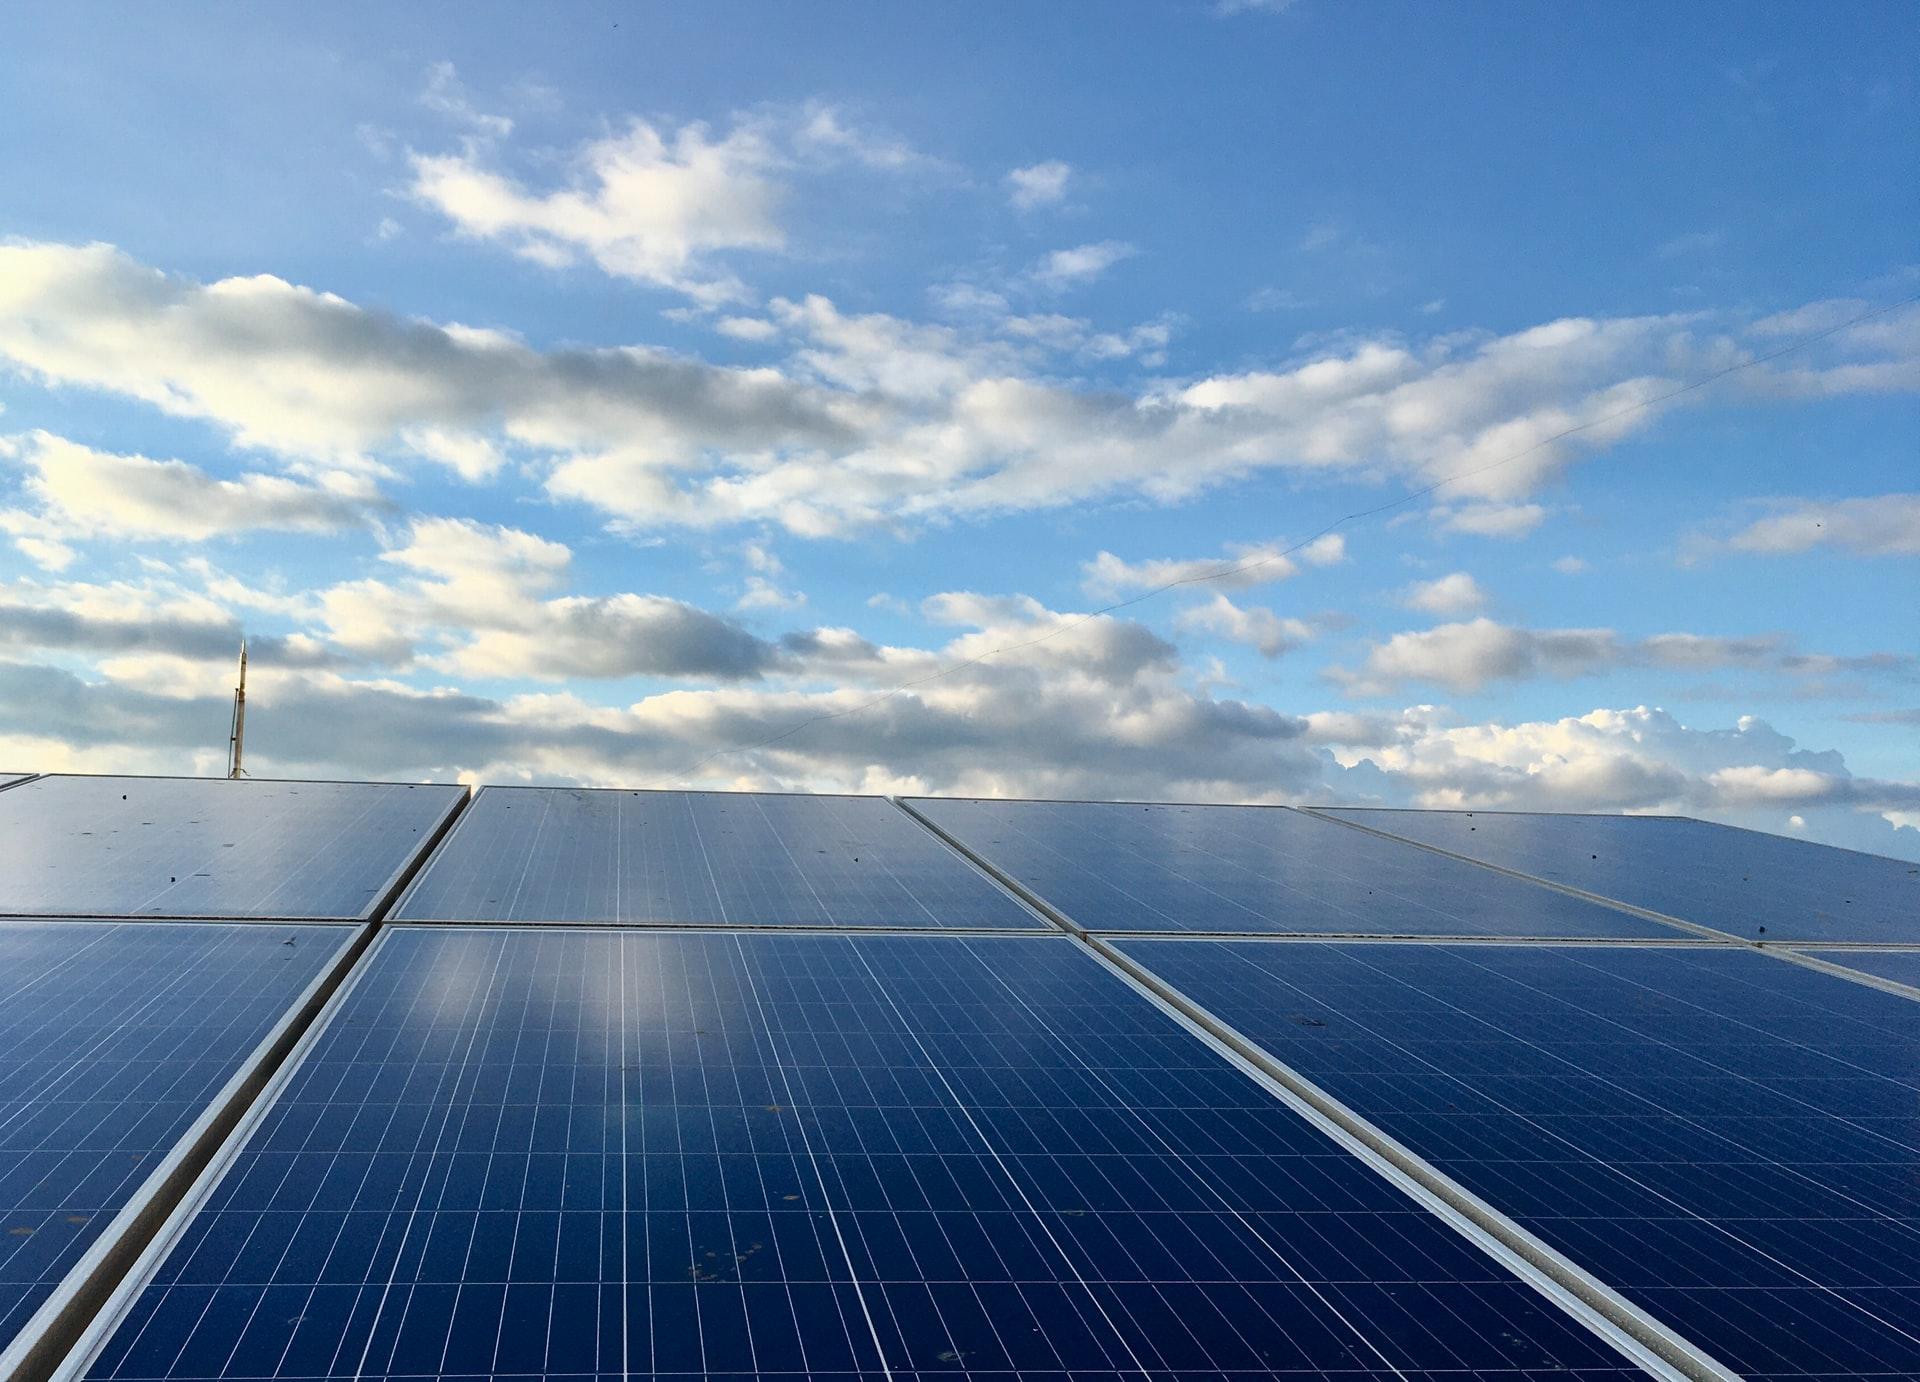 levensduur-zonnepanelen-zonlicht